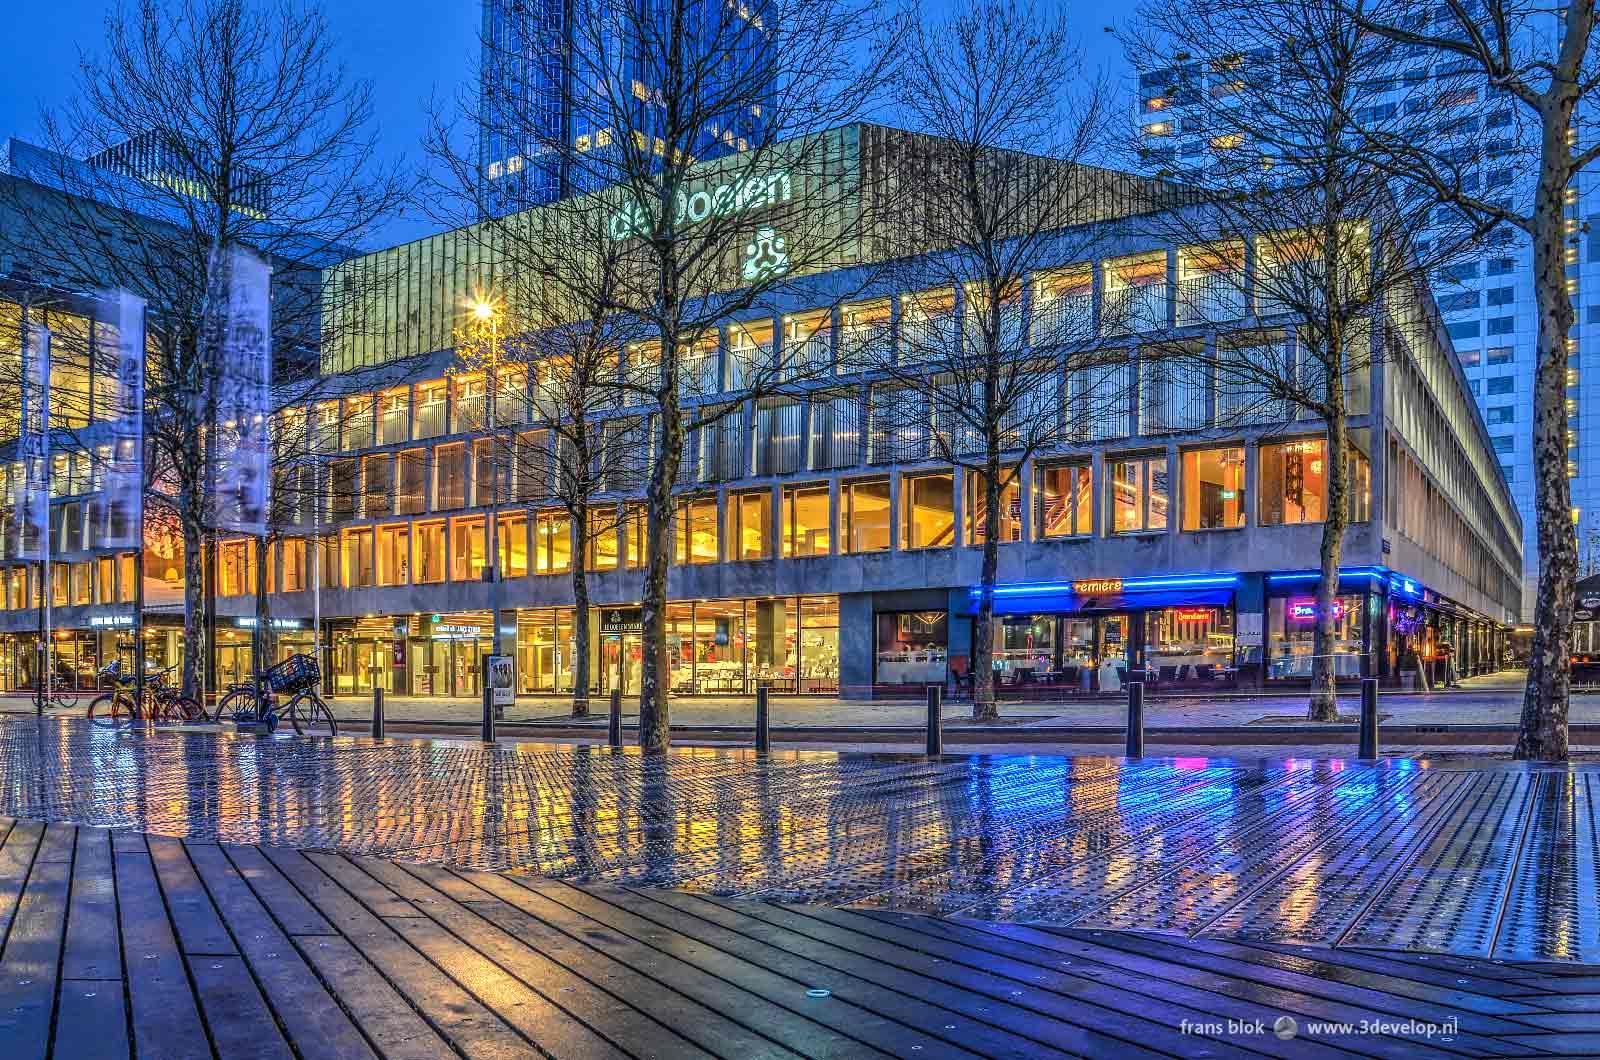 Avondbeeld van concert- en congresgebouw de Doelen in Rotterdam, reflecterend in het vochtige staal en hout van het Schouwburgplein